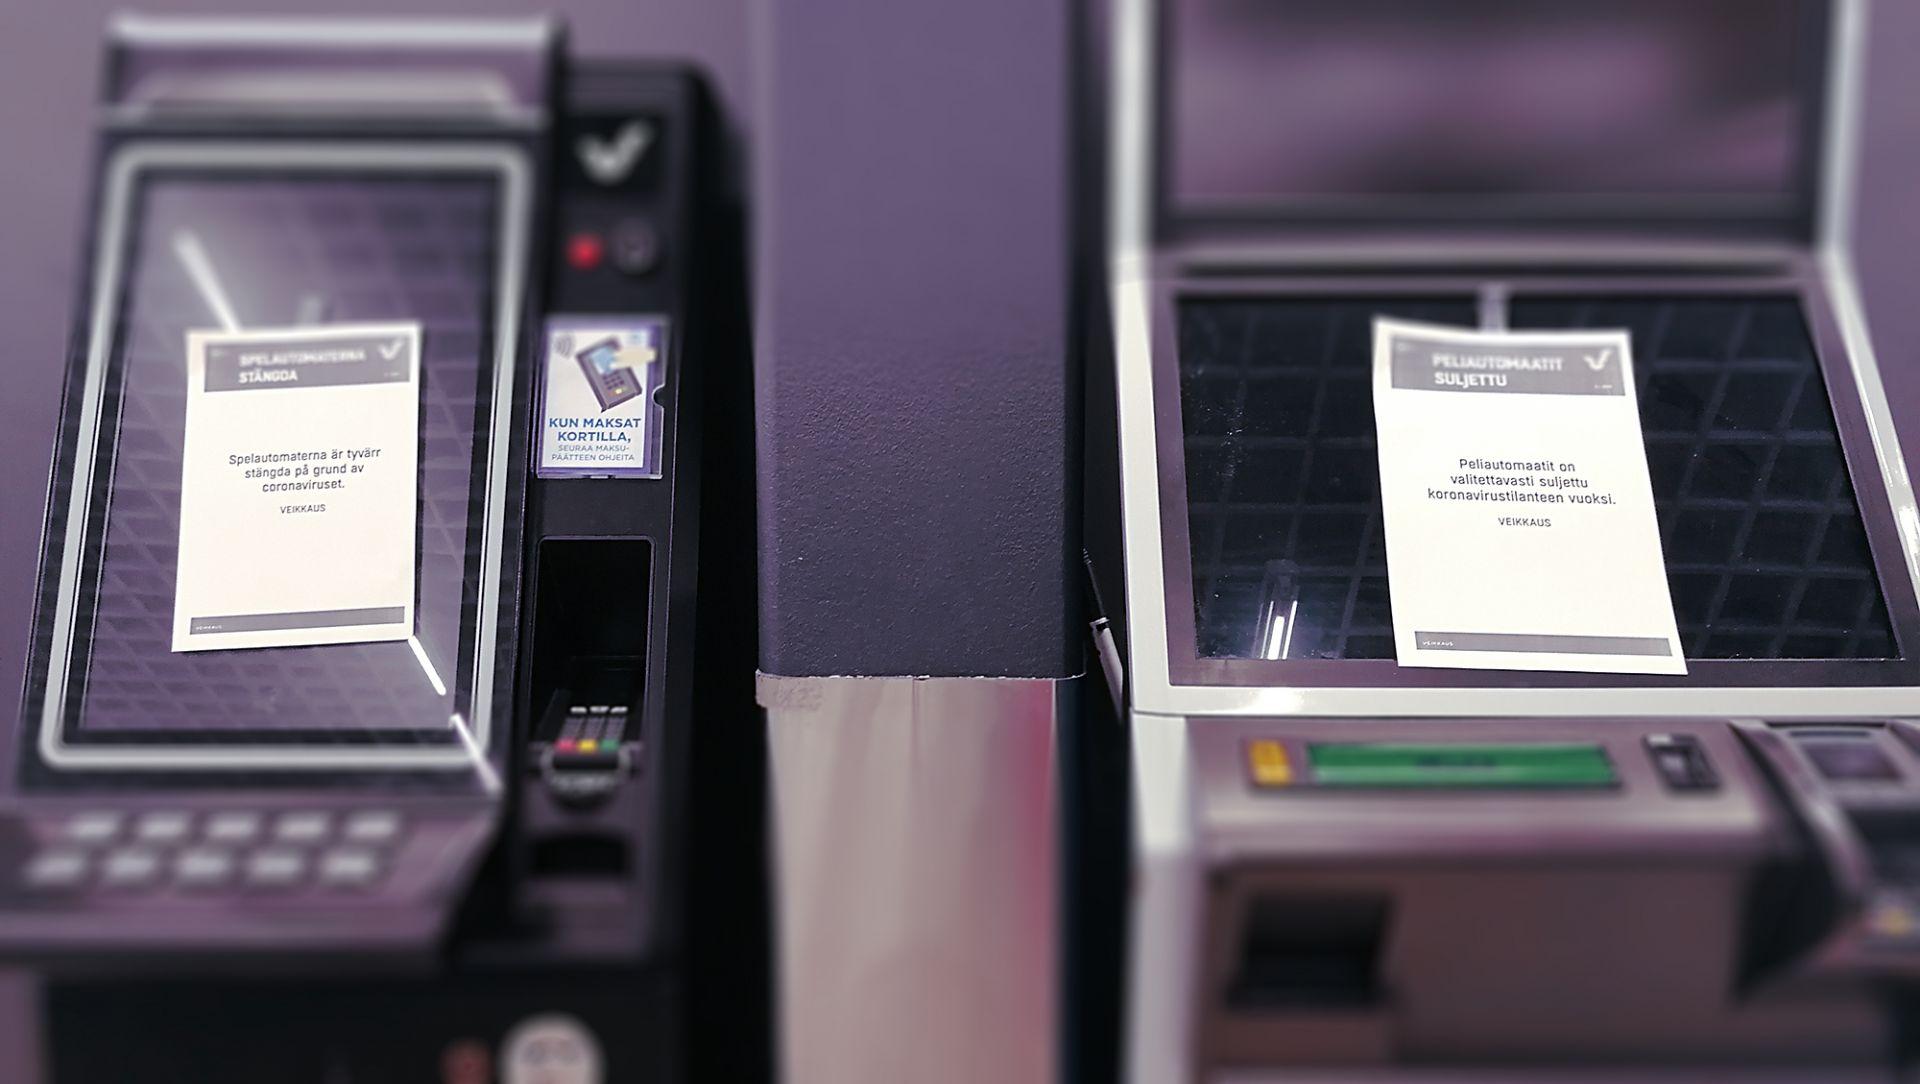 Sulejttuja rahapeliautomaatteja maaliskuussa 2020.